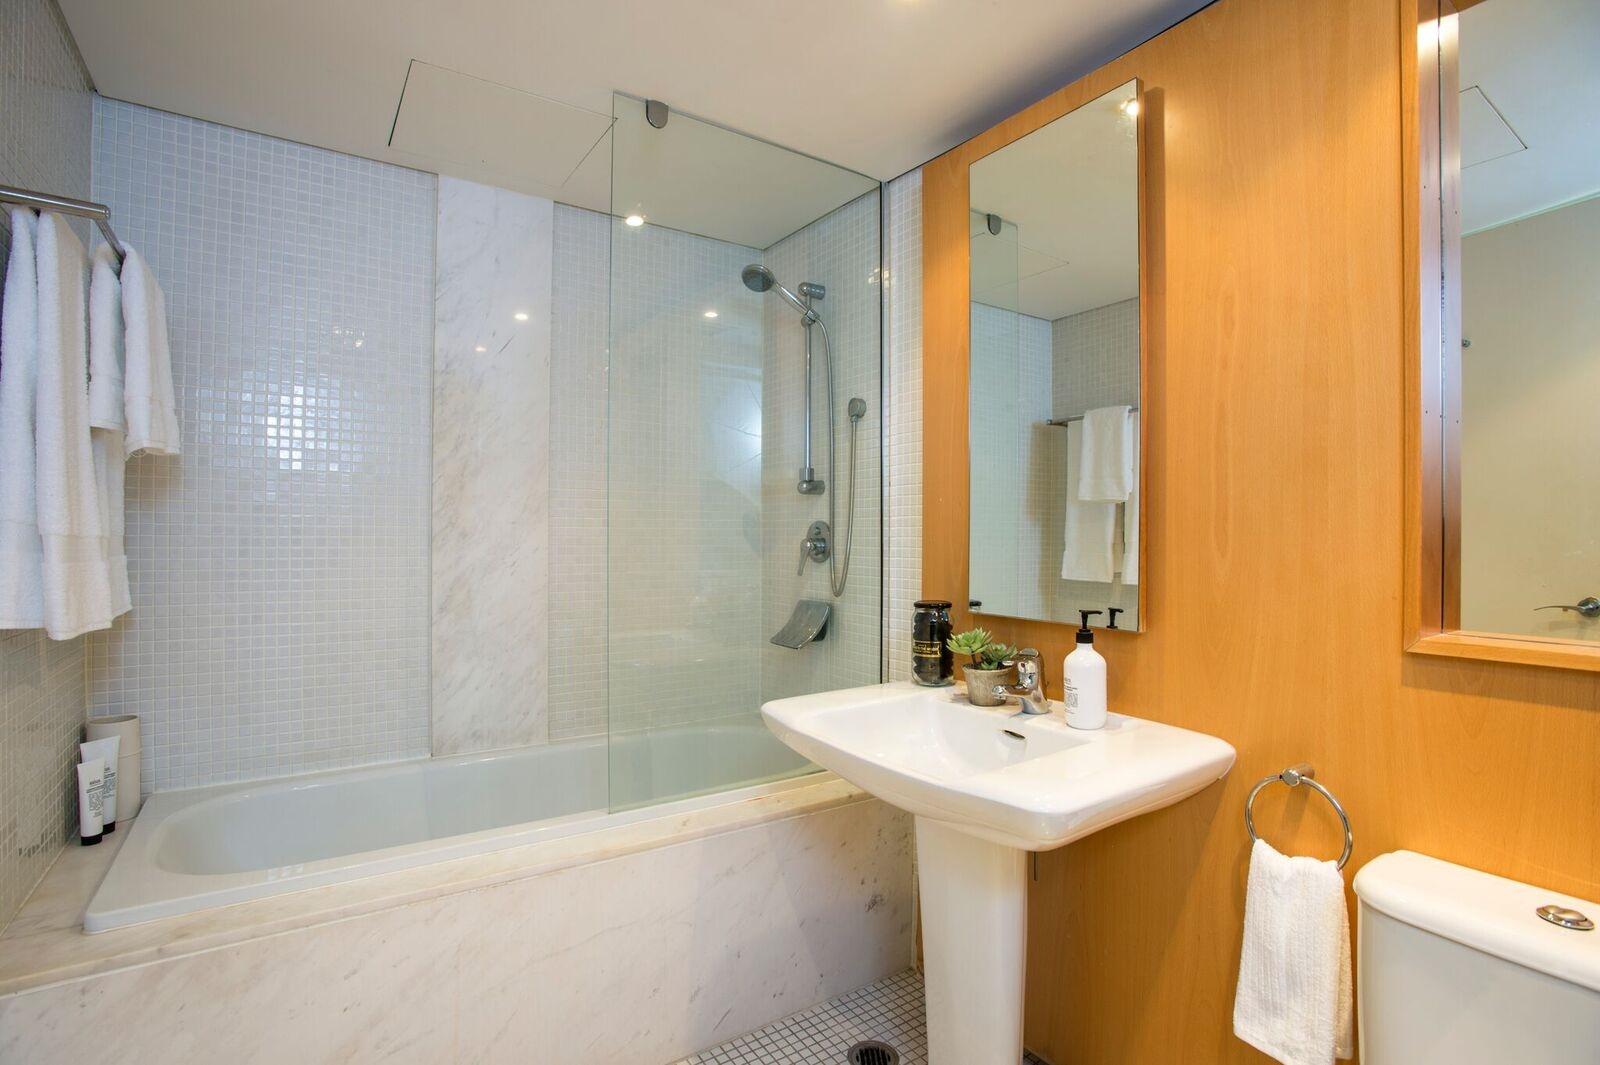 14978-Bathroom